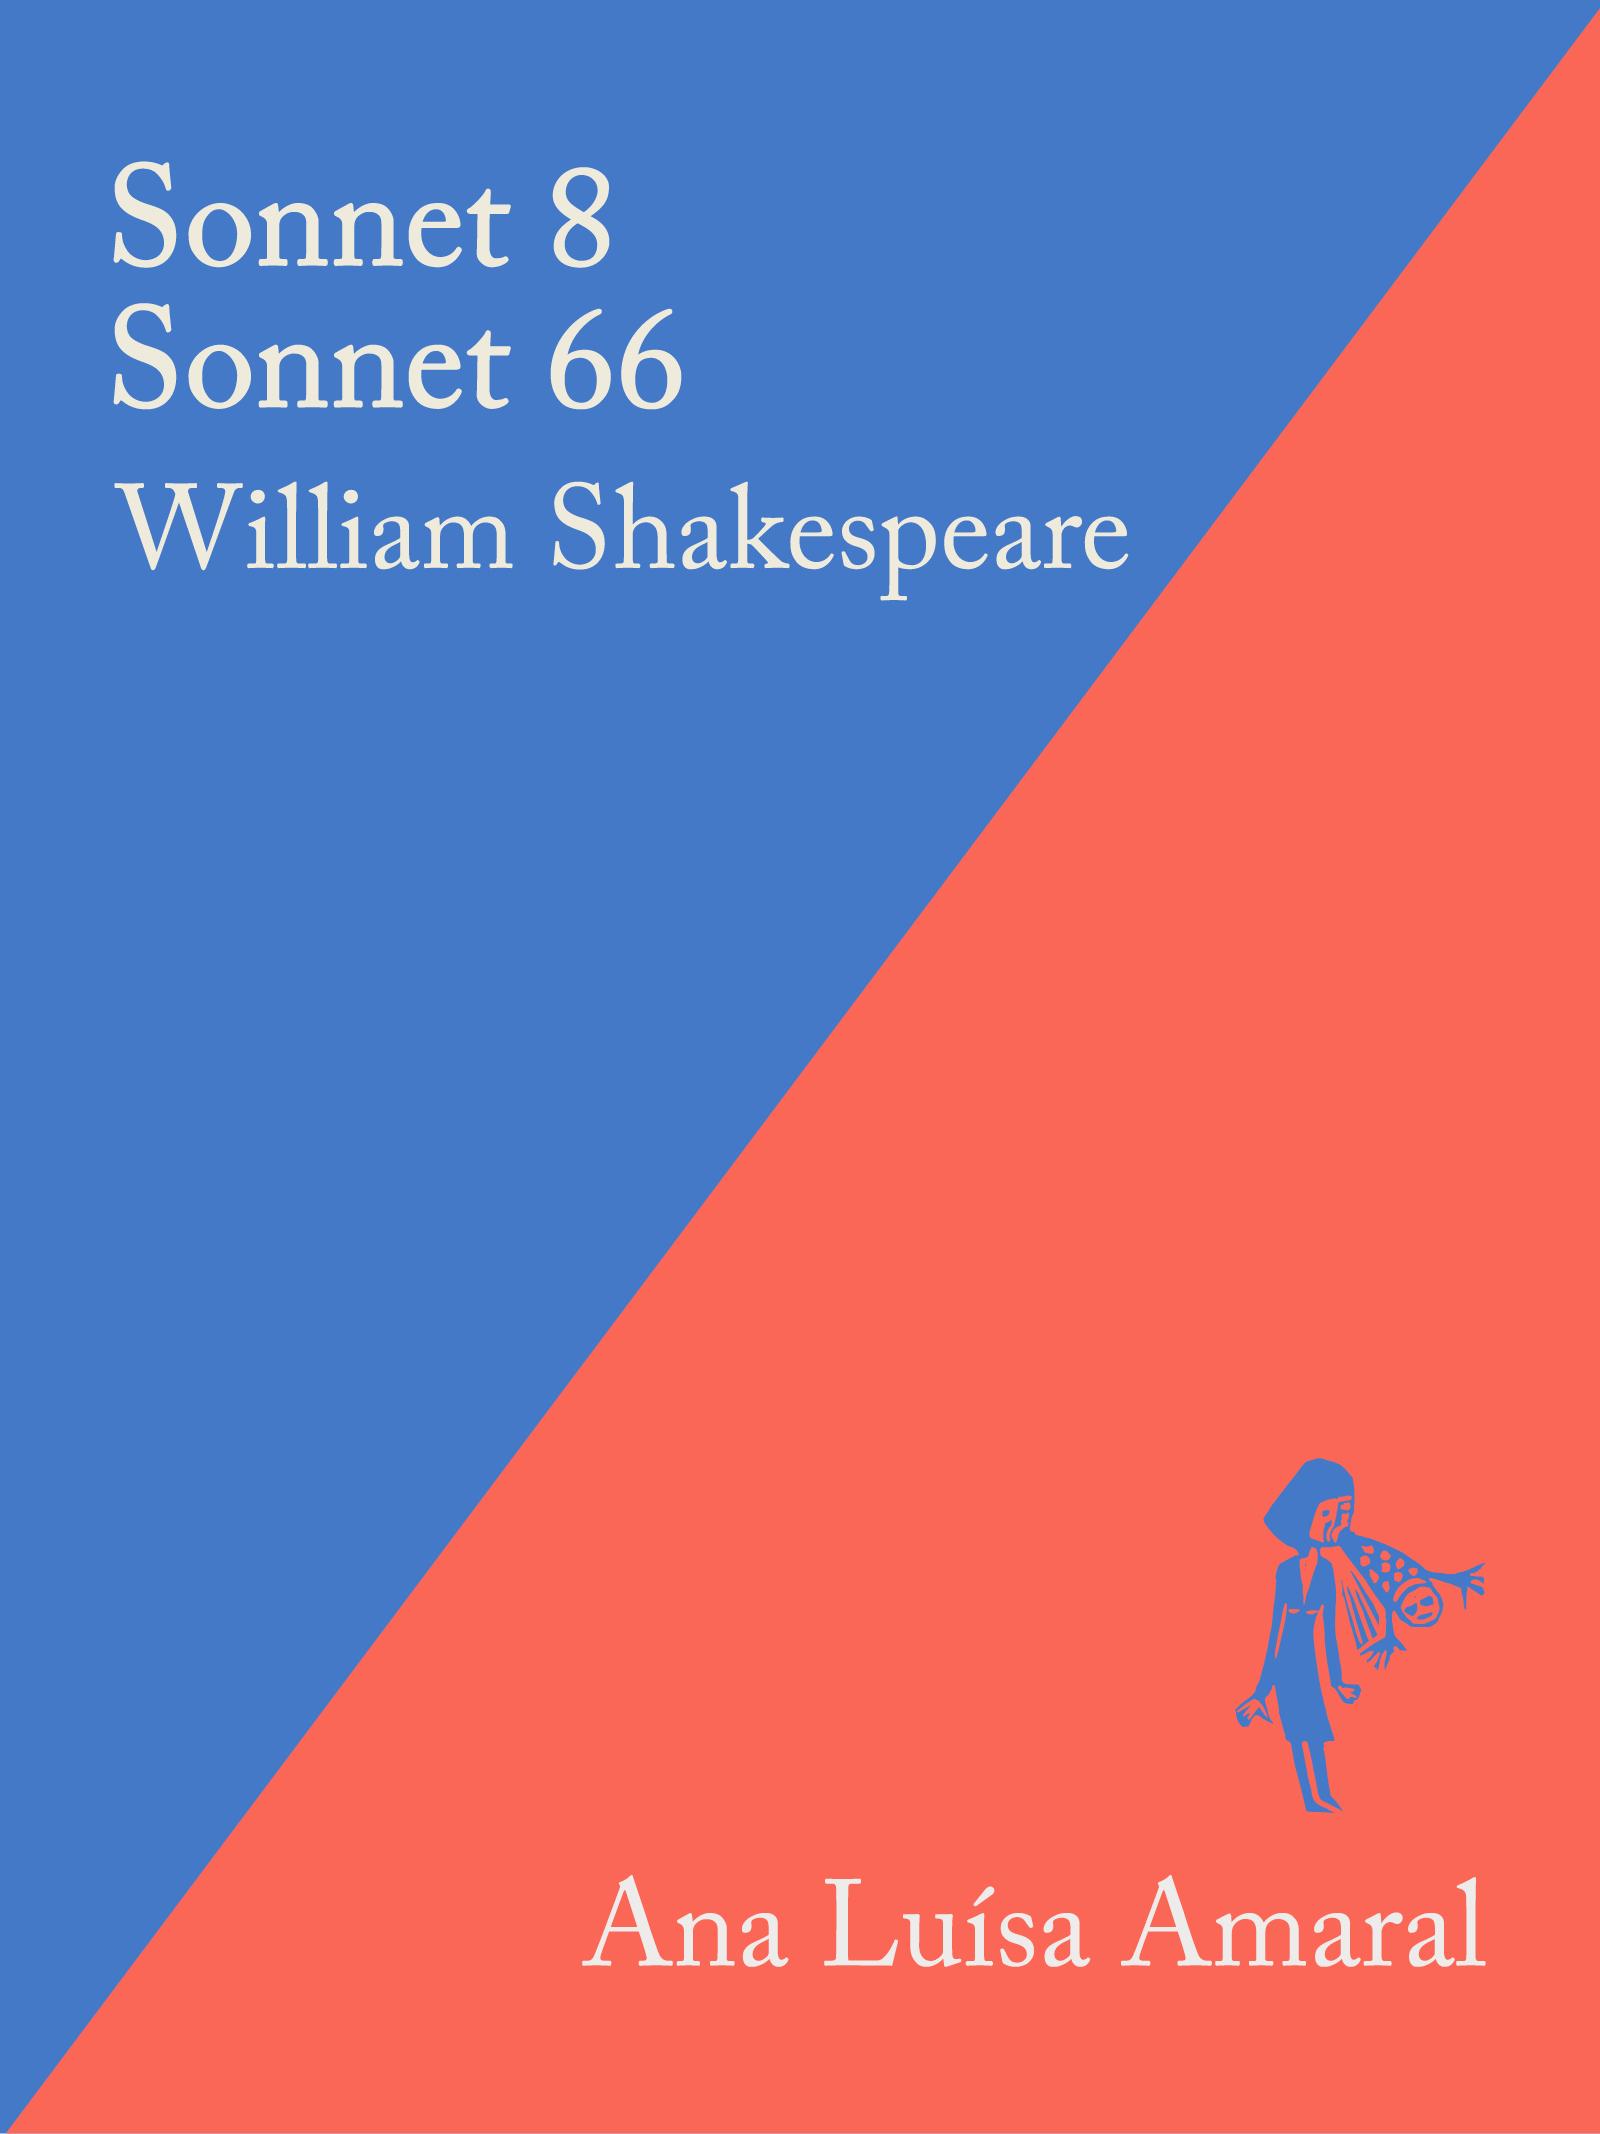 sonnetsT.jpg